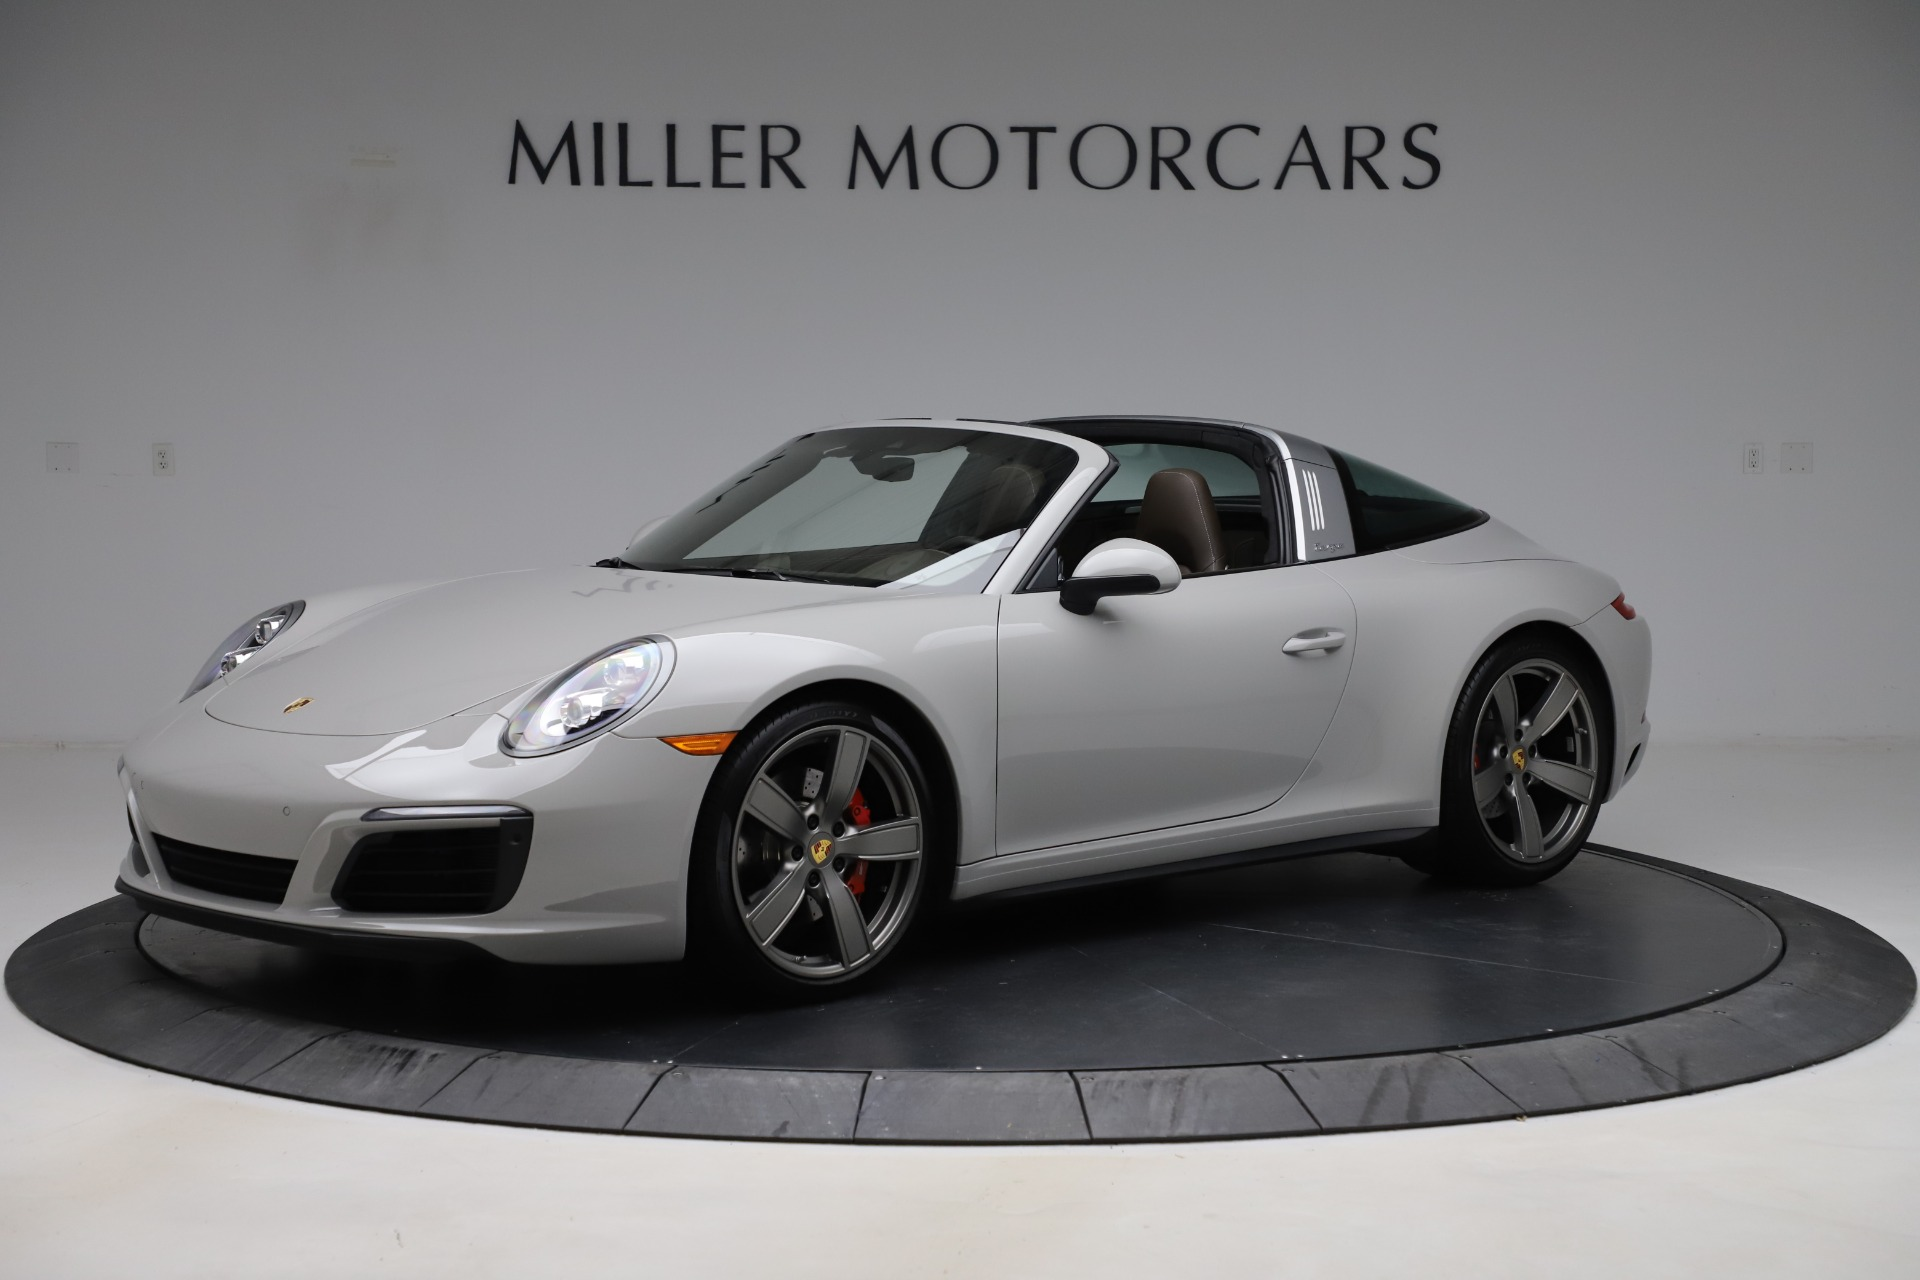 Pre Owned 2018 Porsche 911 Targa 4s For Sale Miller Motorcars Stock 7725